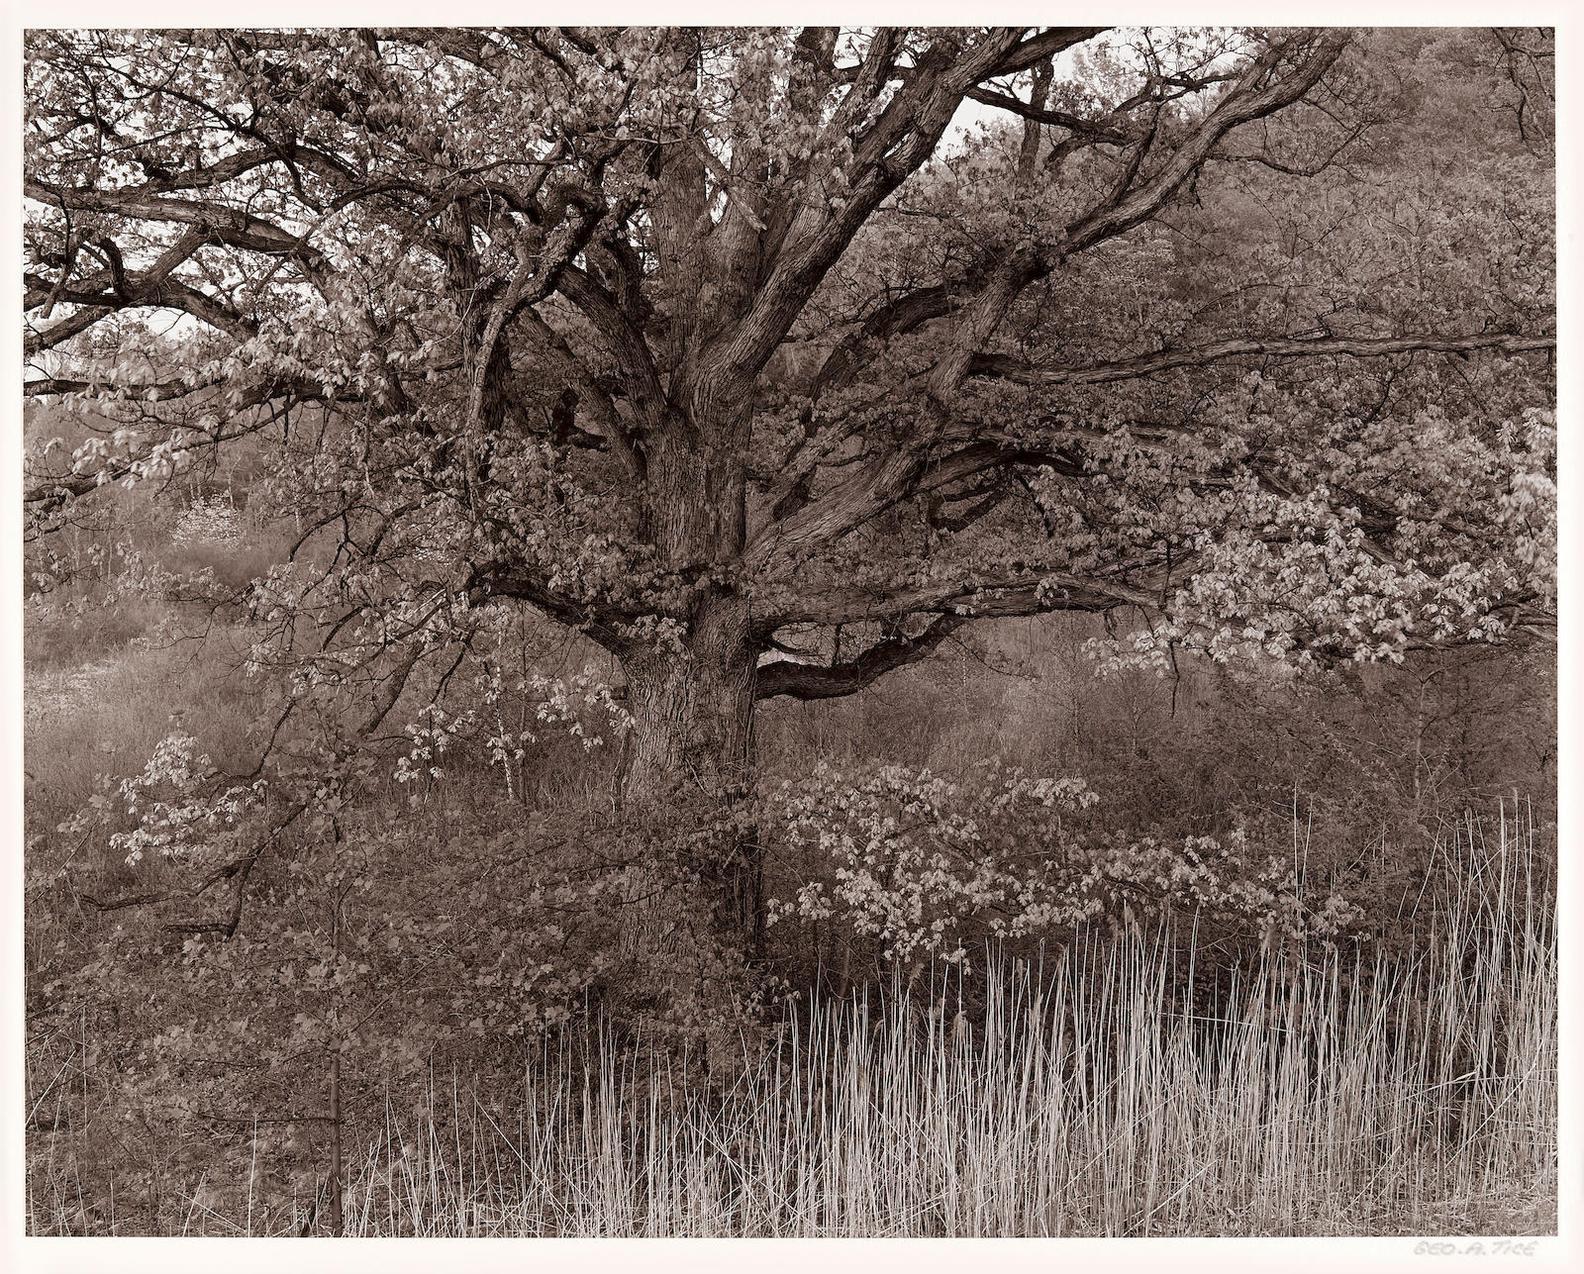 George Tice-Oak Tree, Holmdel, New Jersey-1970